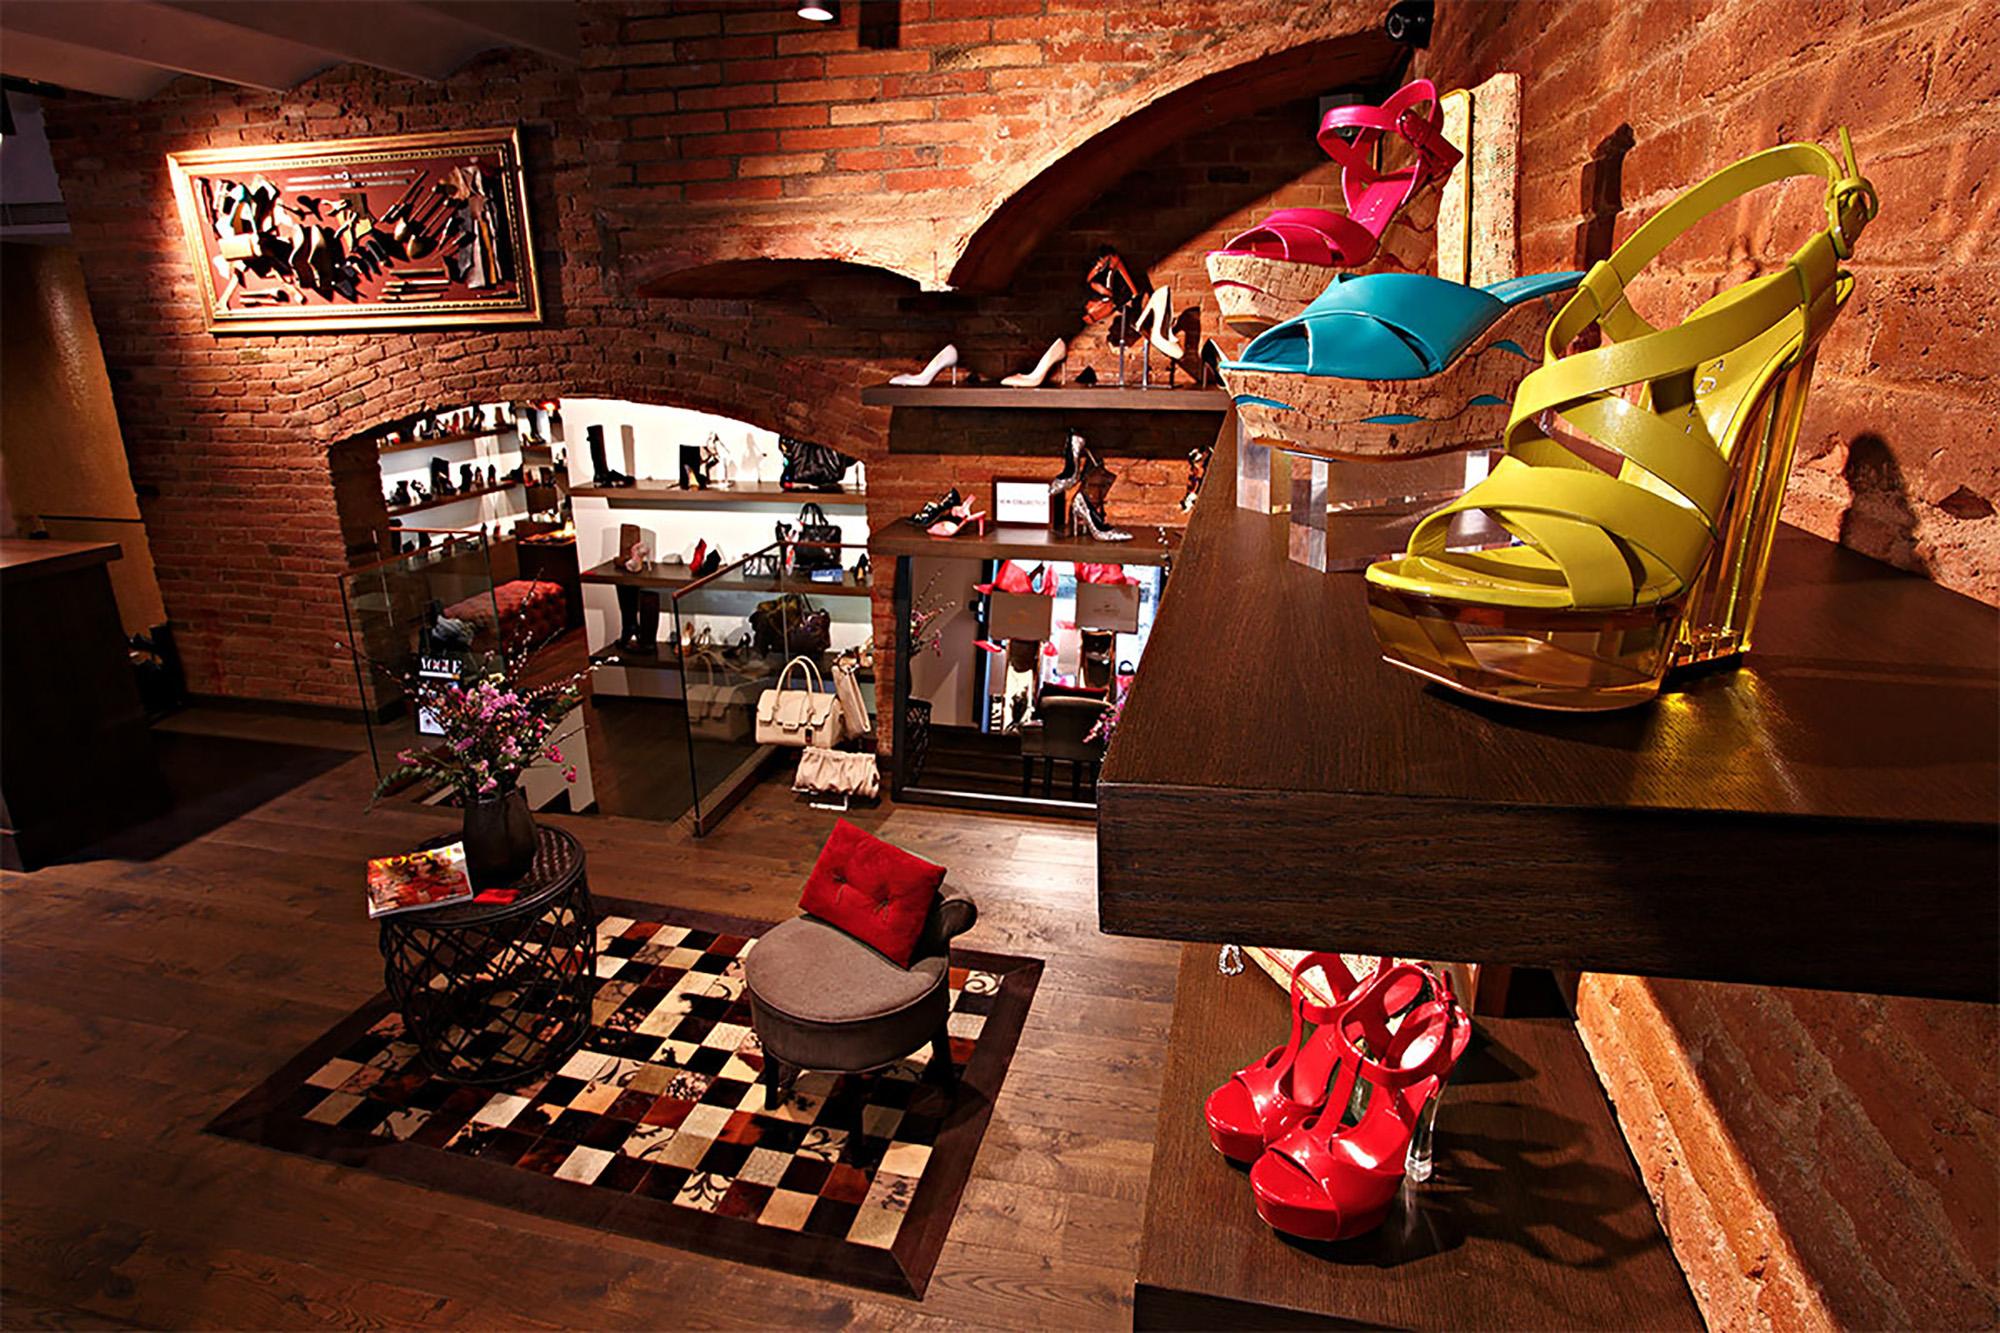 1f54c30d99ad Обувные магазины в Барселоне. I Need Spain - все о жизни в Испании